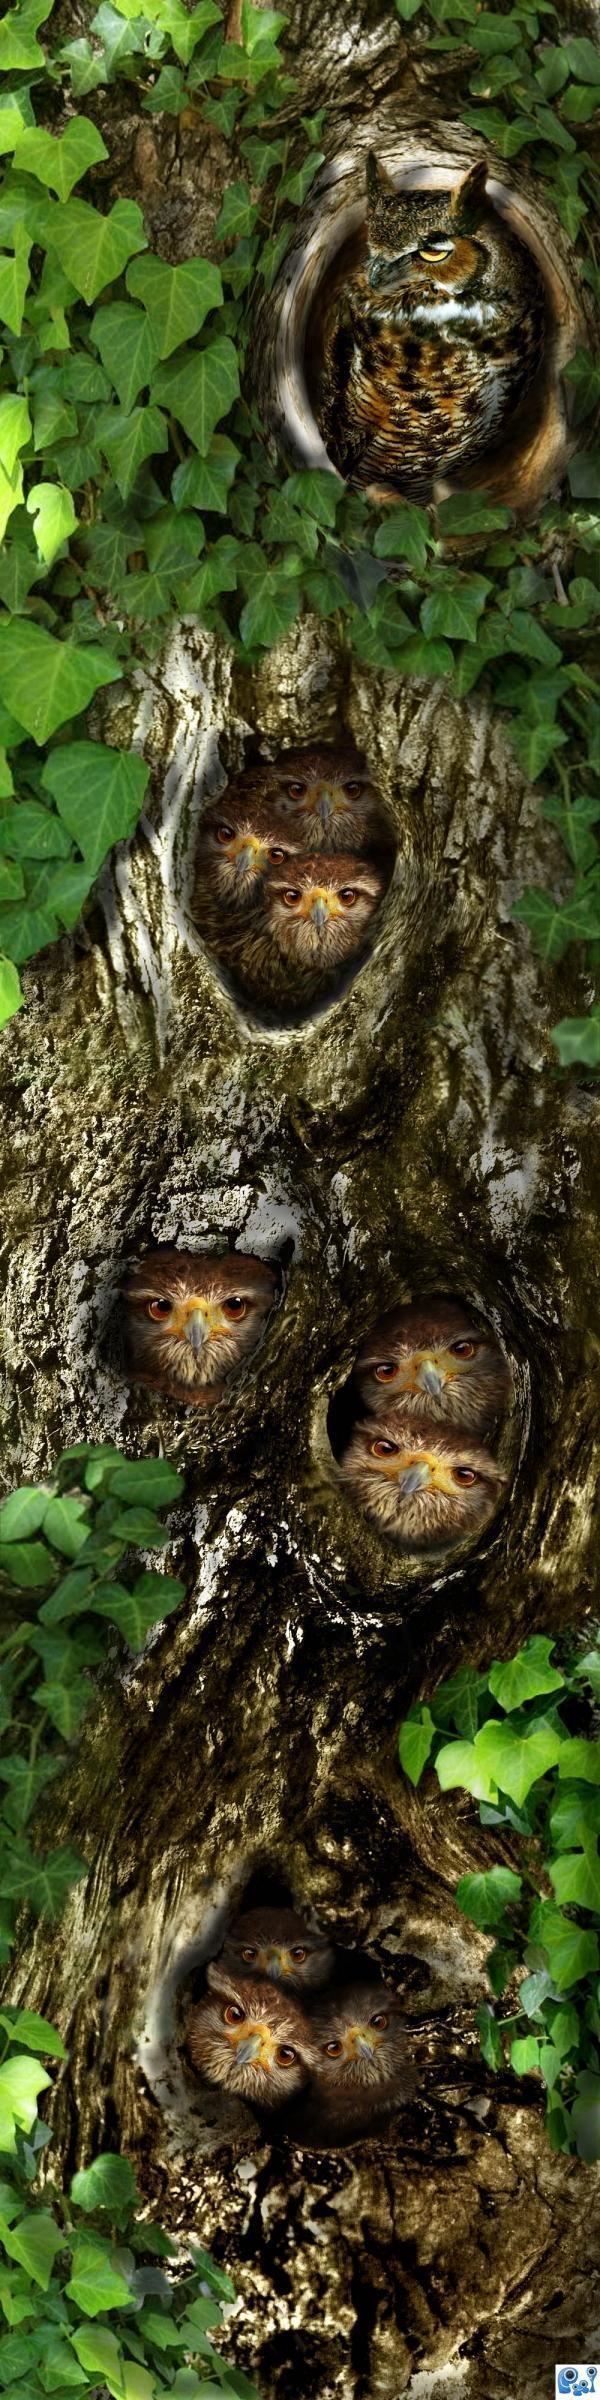 Family tree :-) owls.